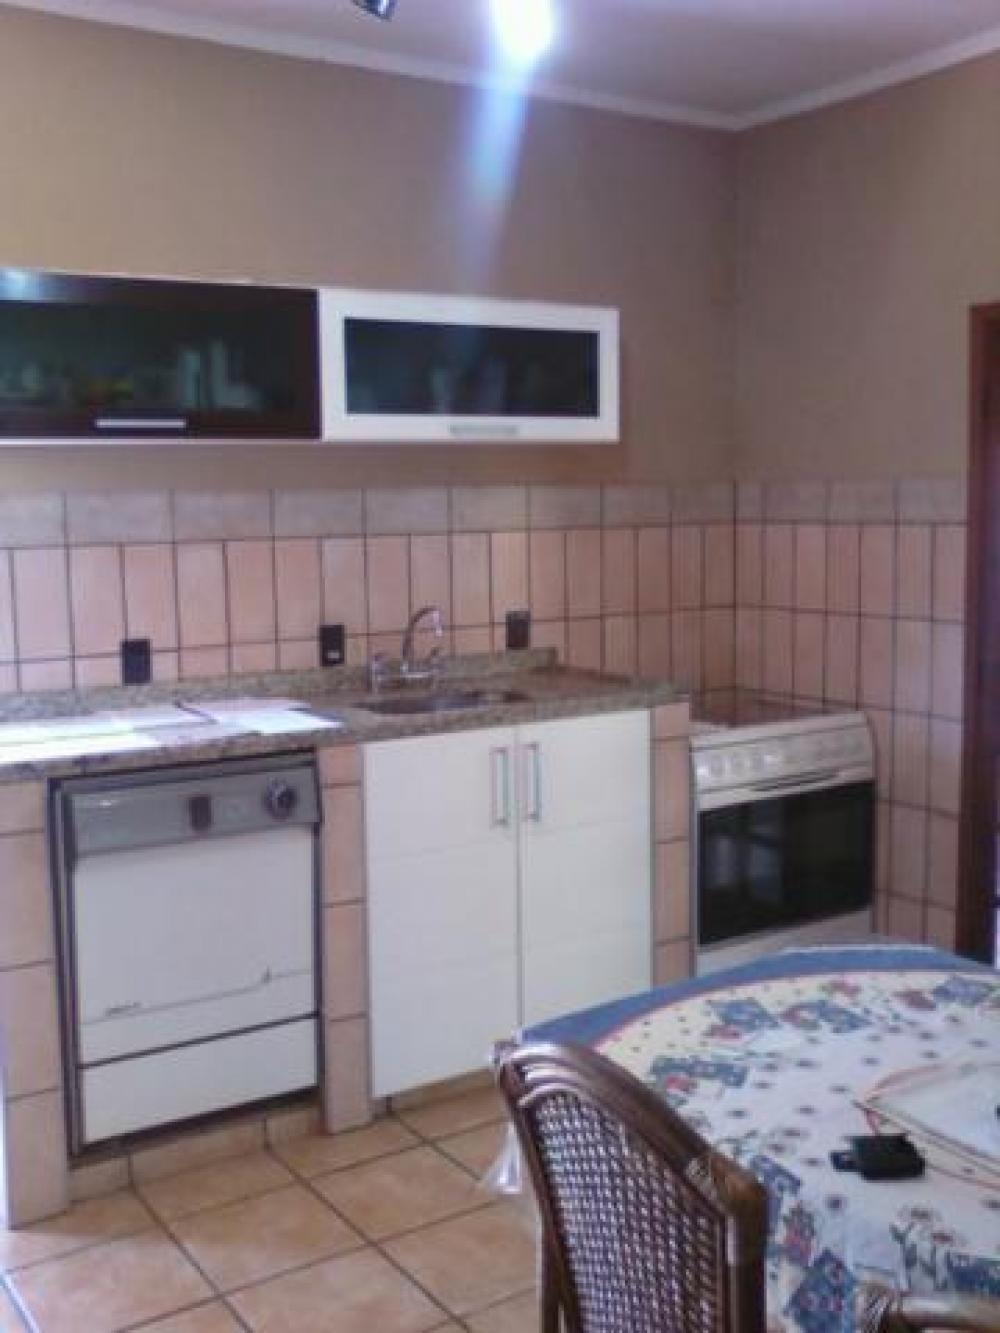 Comprar Casa / Padrão em São José do Rio Preto R$ 1.500.000,00 - Foto 8